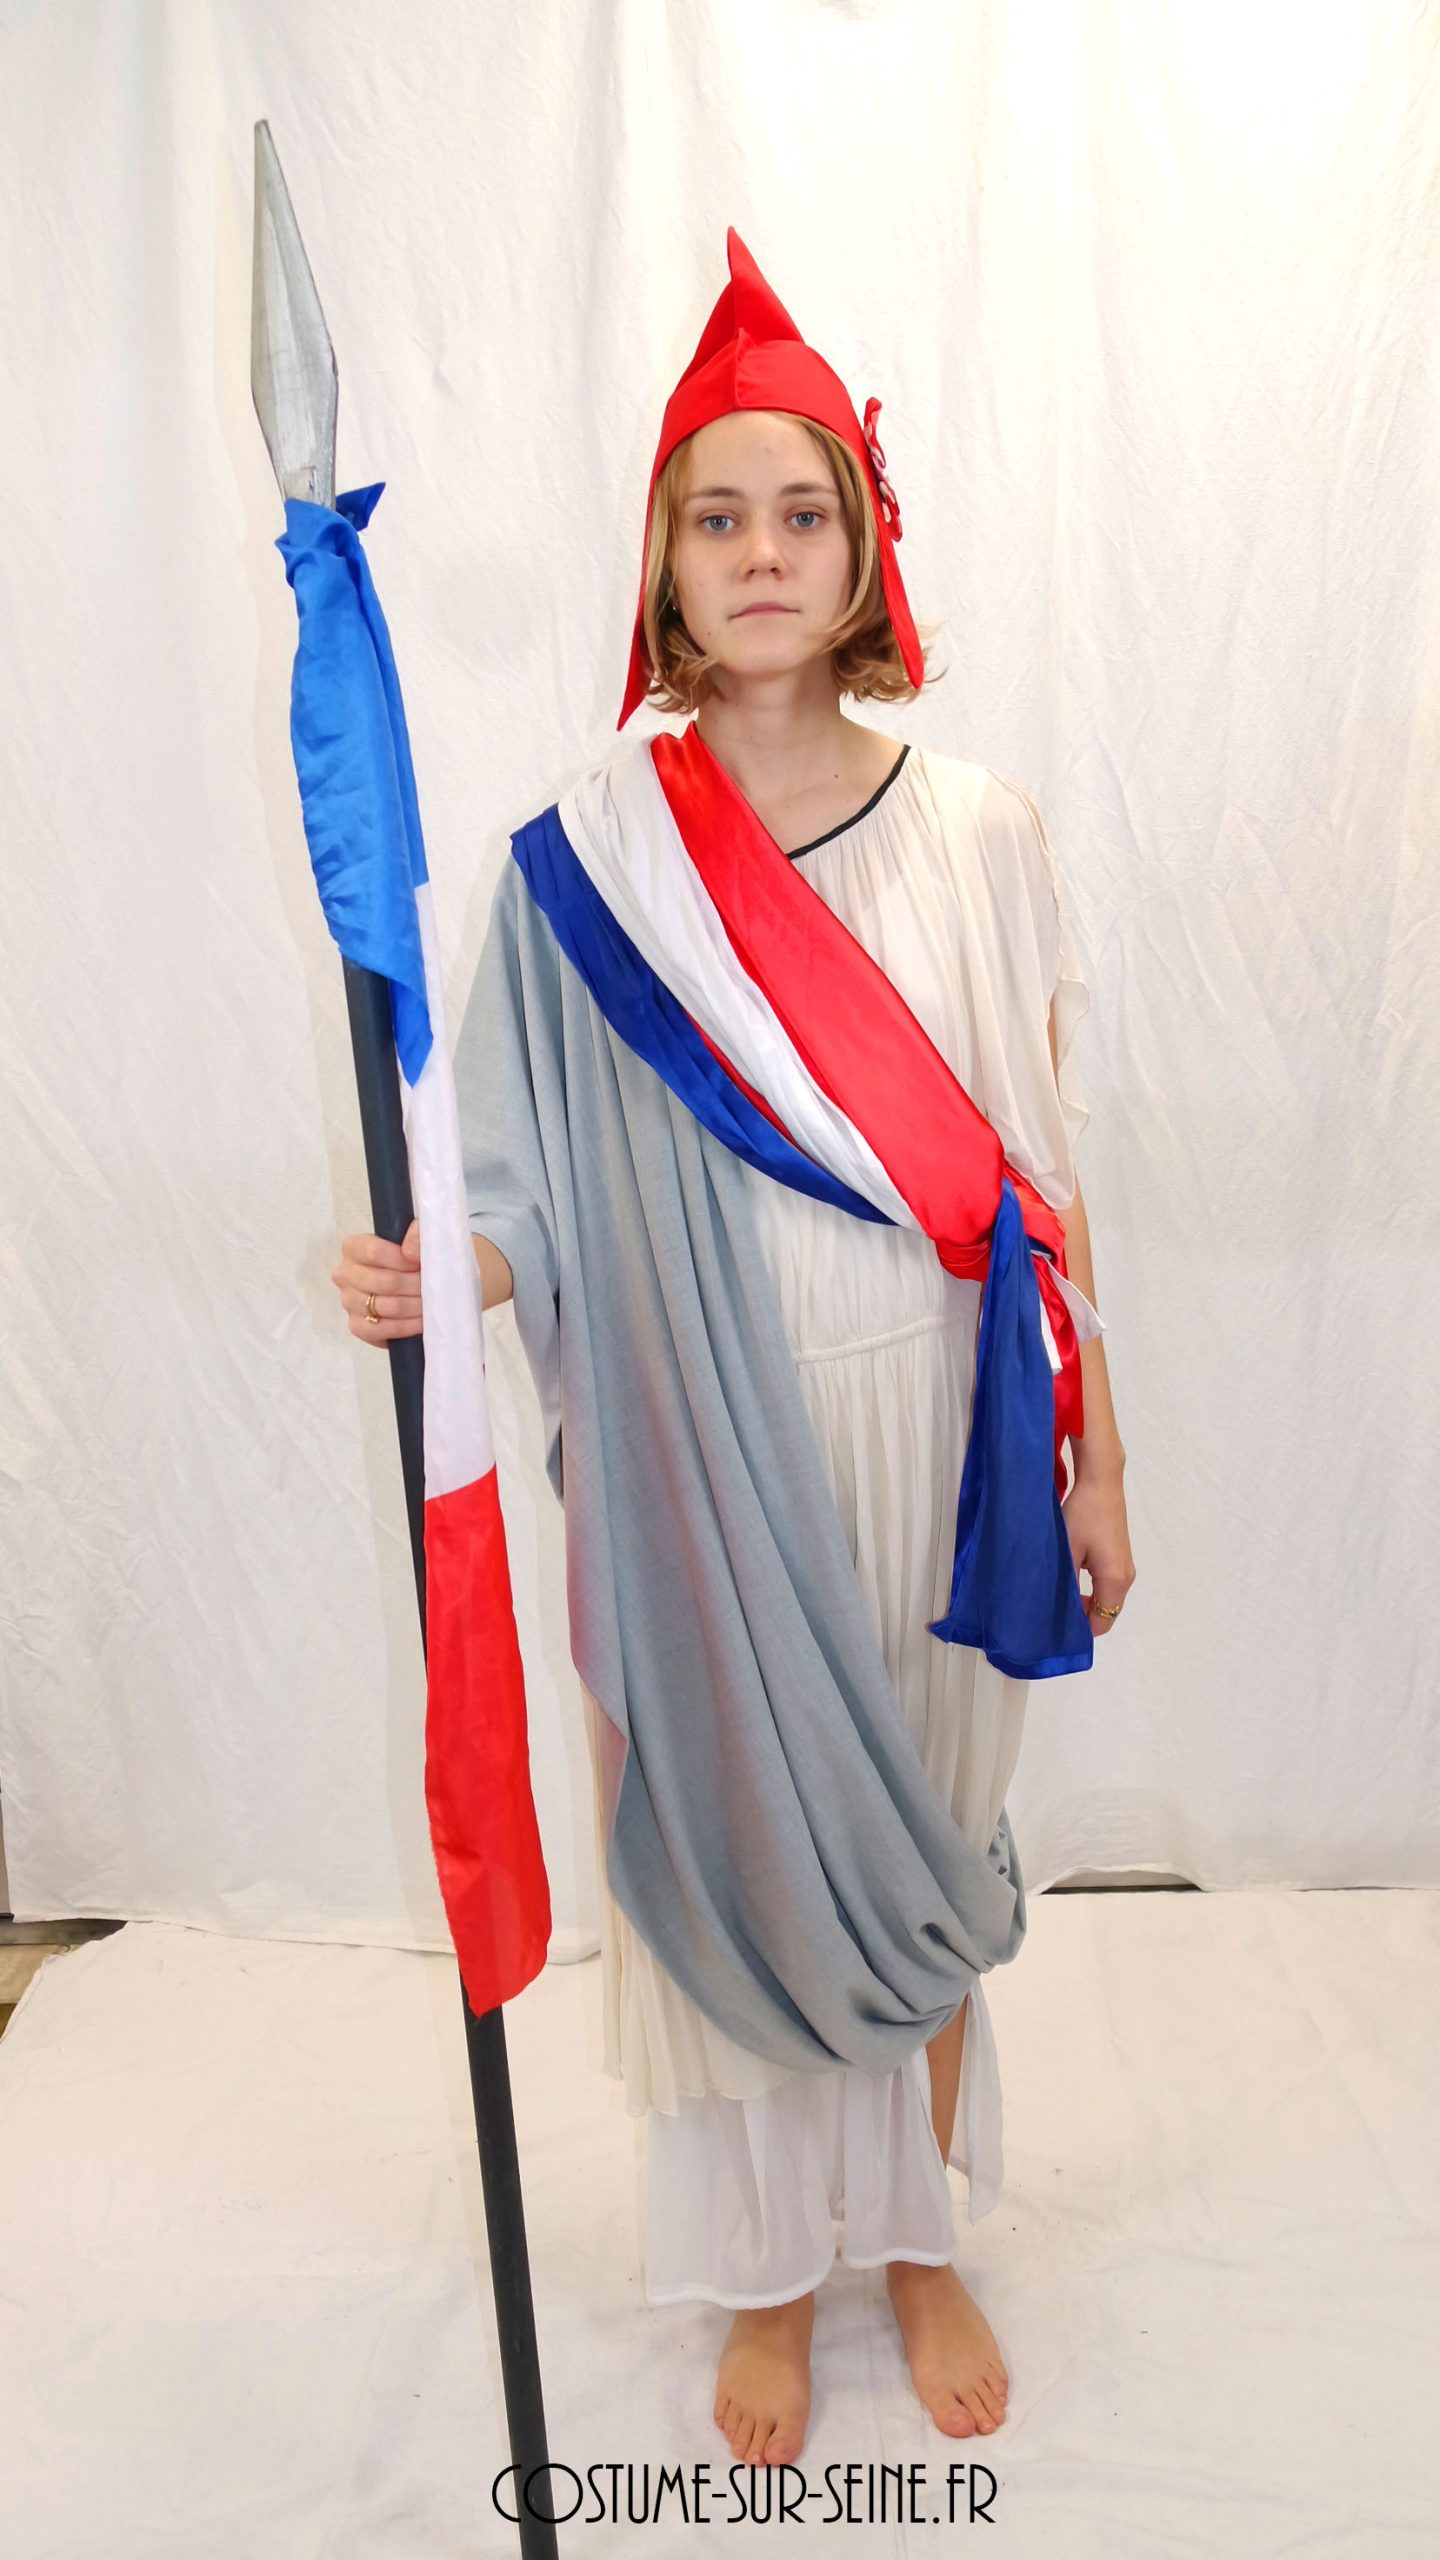 Marianne, liberté guidant le peuple